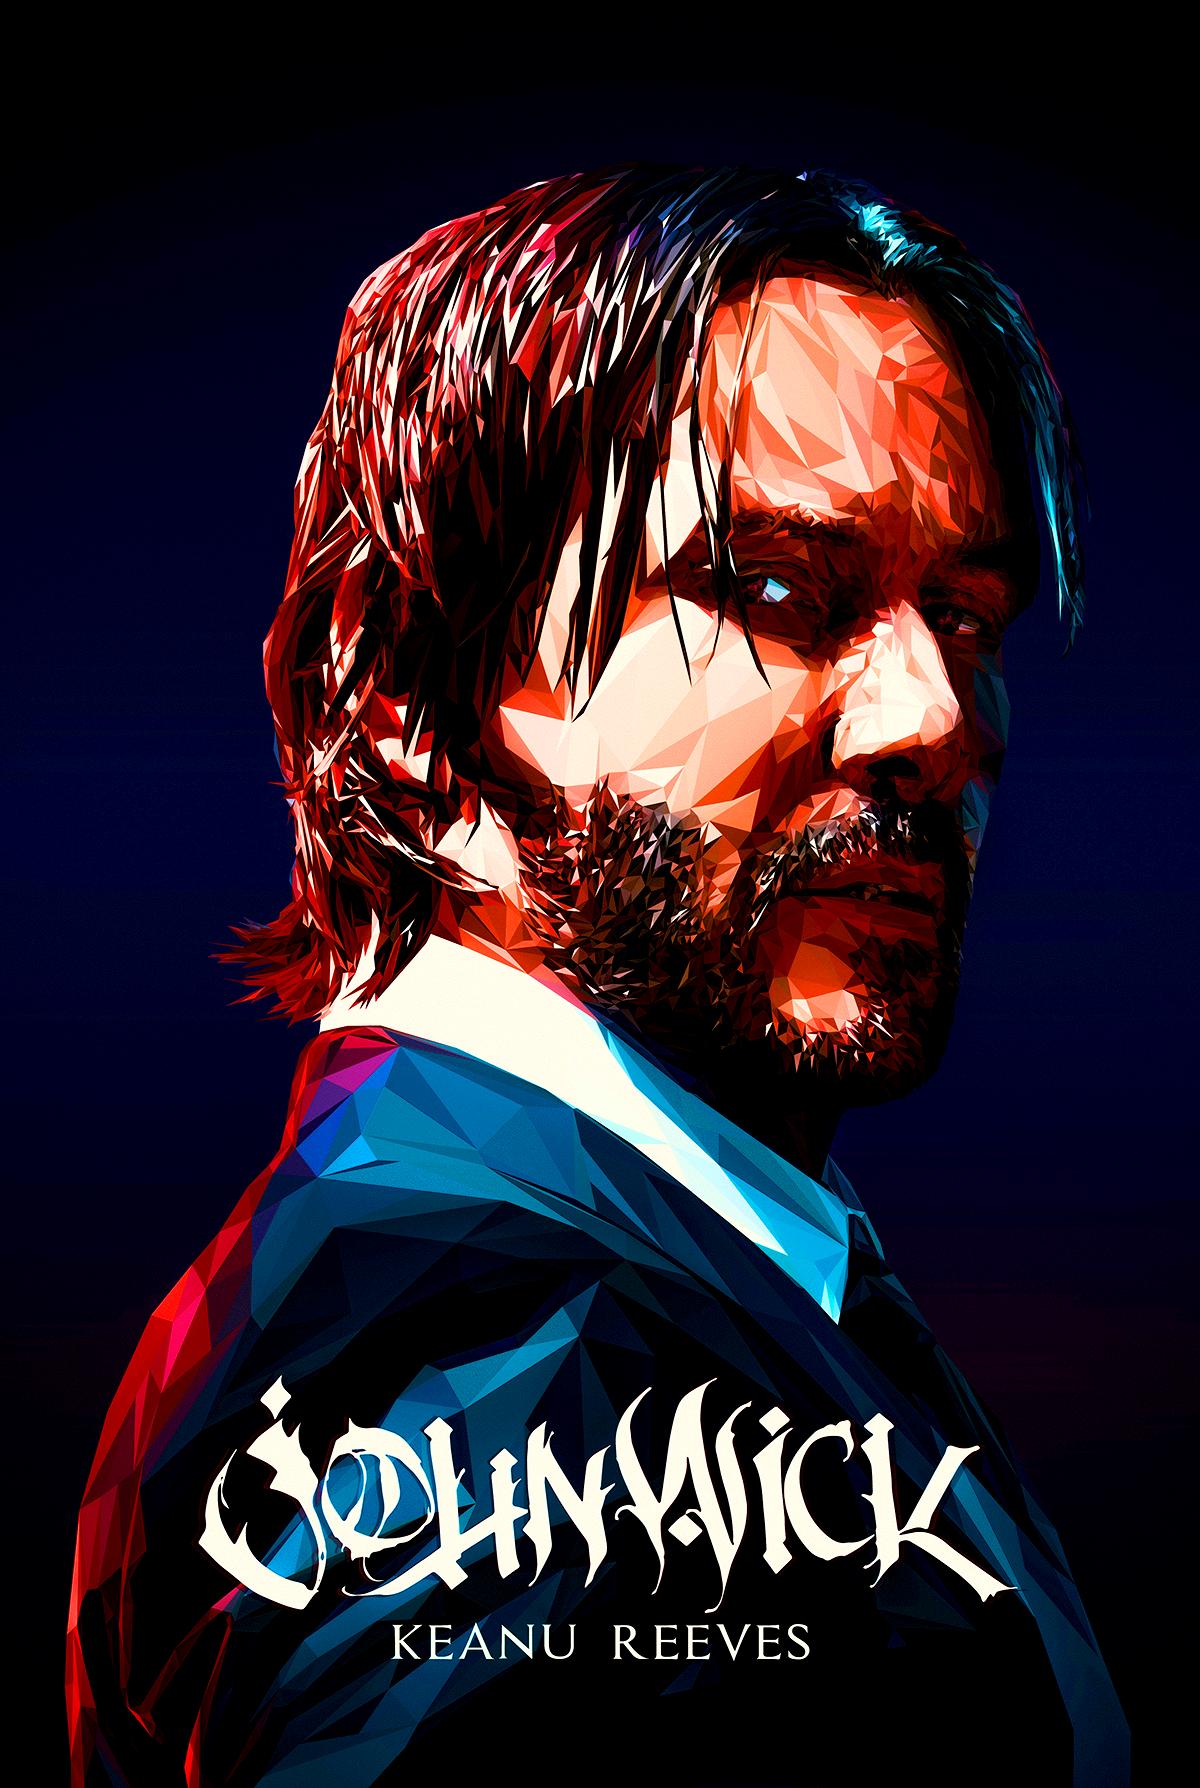 Pin By Lekhika Rawat On Mr Wick Keanu Reeves John Wick John Wick Hd John Wick Movie